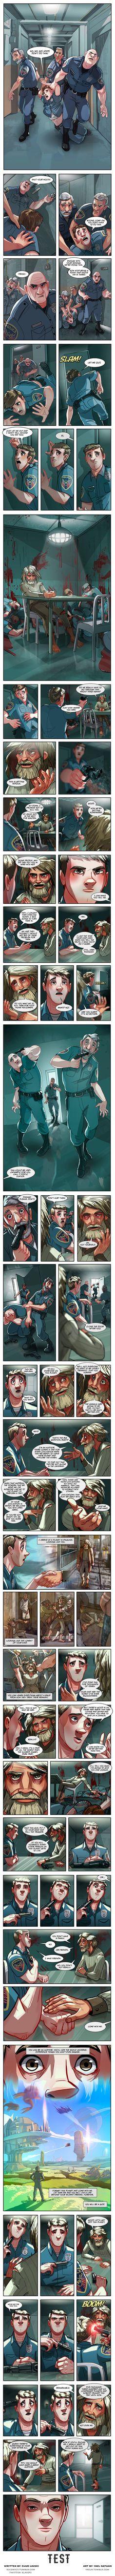 TEST - A comics story - 9GAG